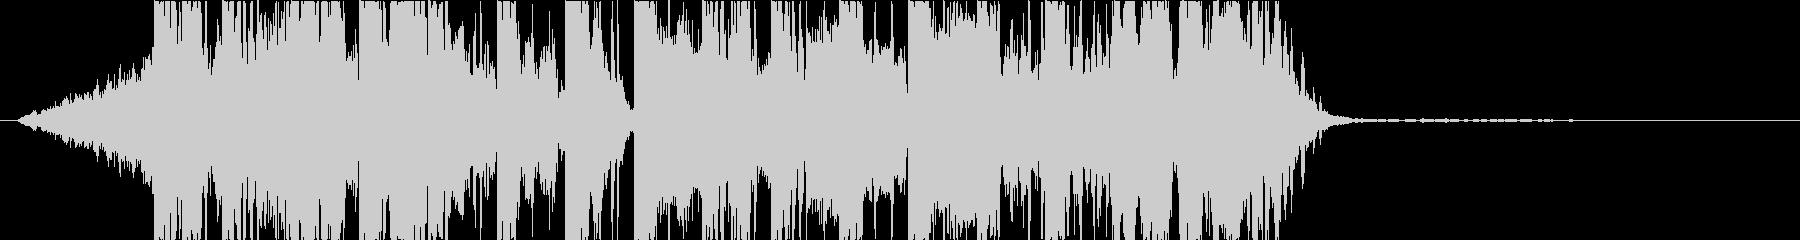 DUBSTEP クール ジングル156の未再生の波形